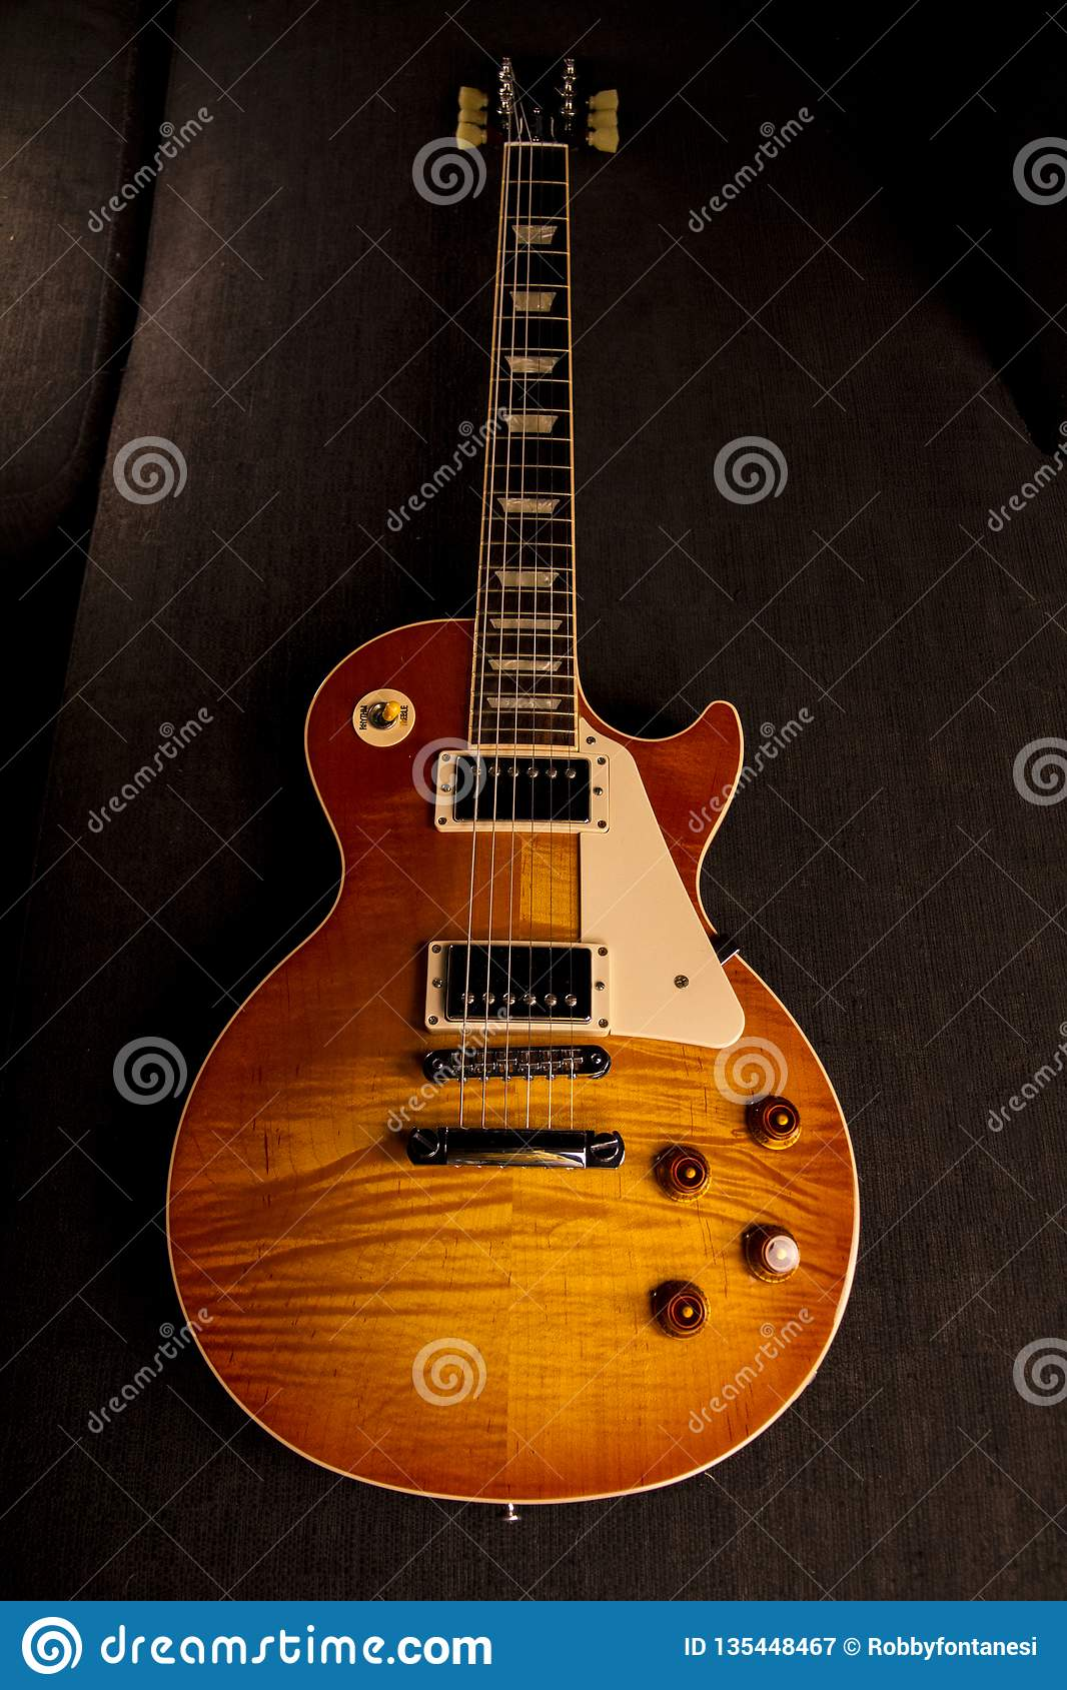 Guitarra eléctrica del vintage con la pintura perfecta de un color brillante de la cereza con reflexiones casi metálicas